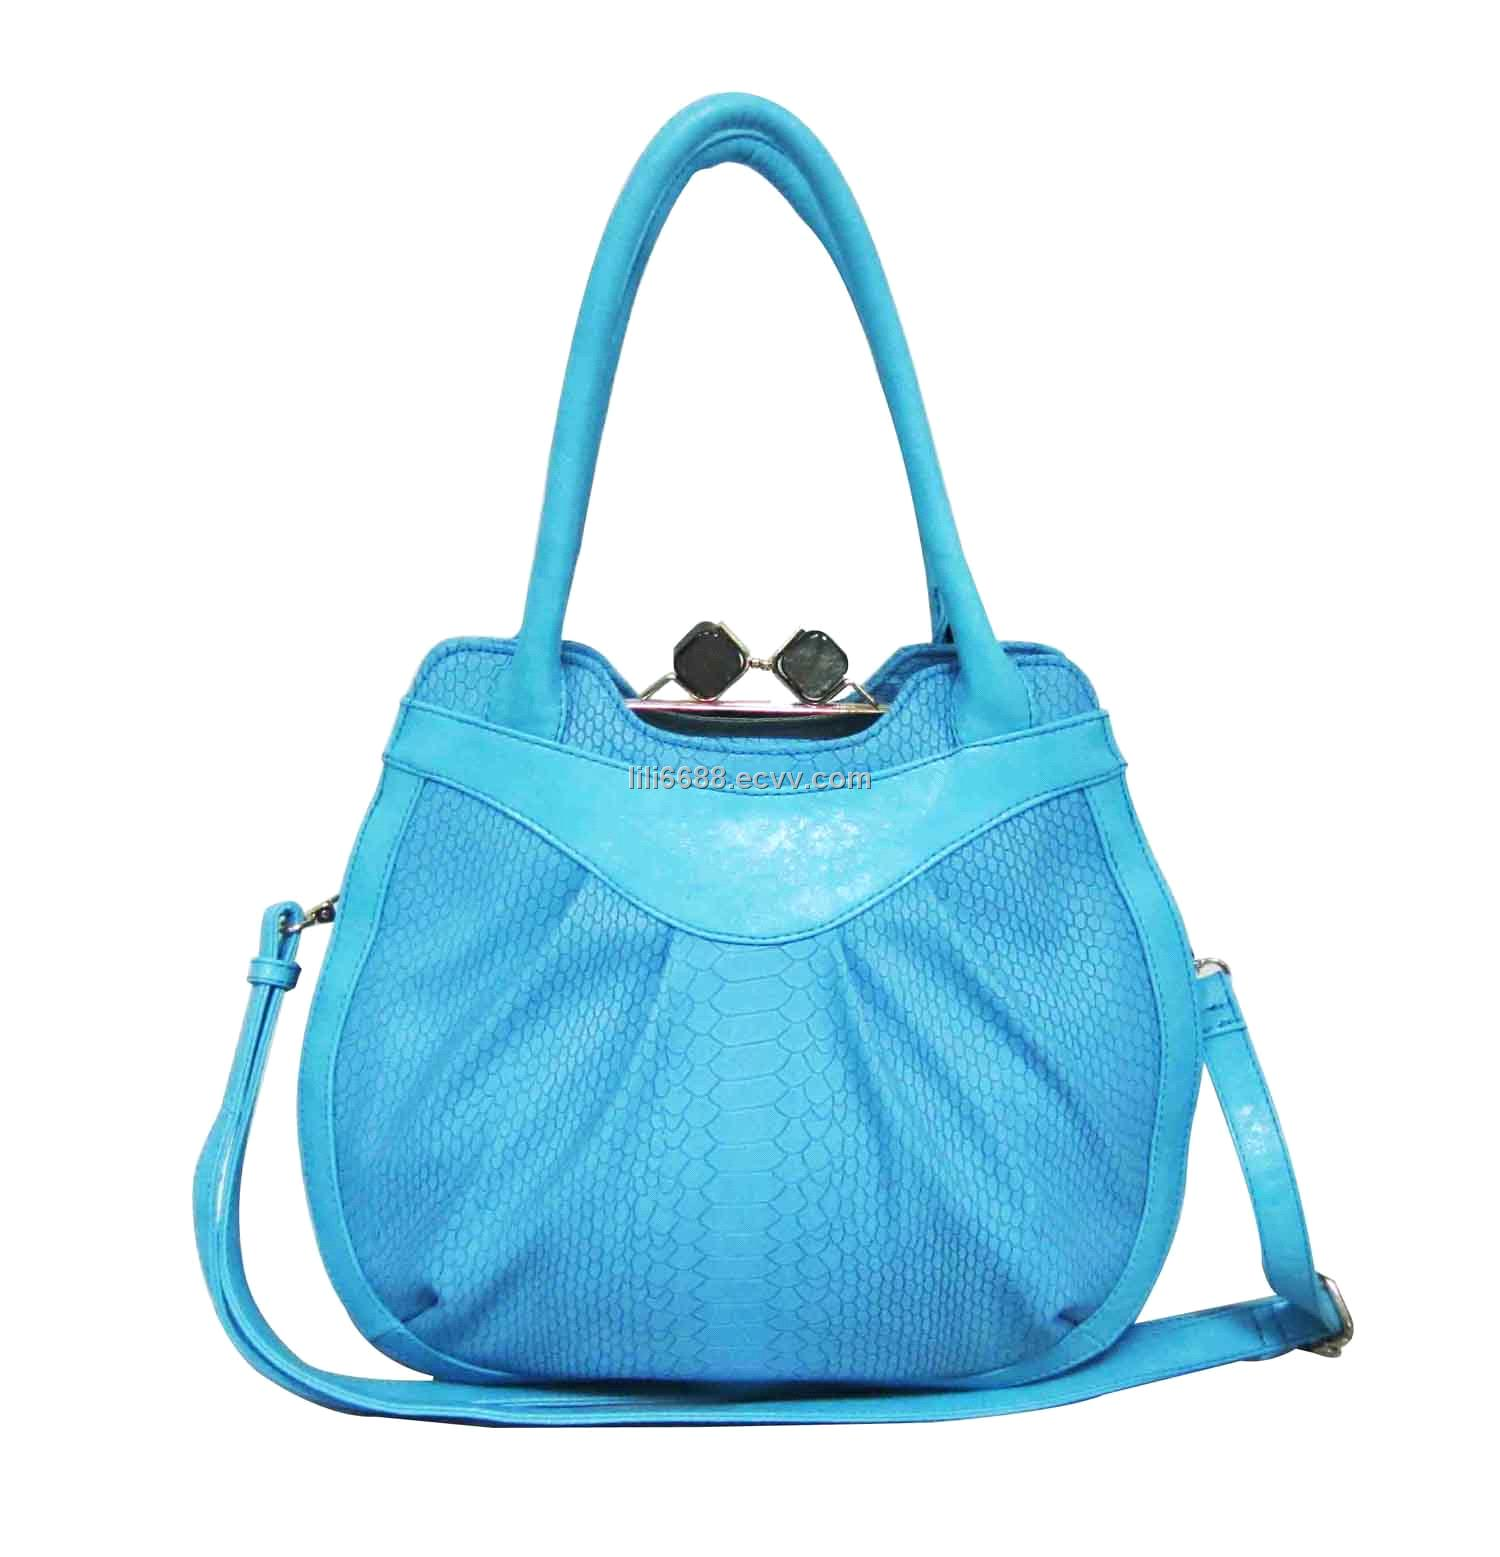 Ladies Bag Hangdbag Factory Bag China Suppliers Oem Odm Manufacturer Shoulder Bag Purchasing